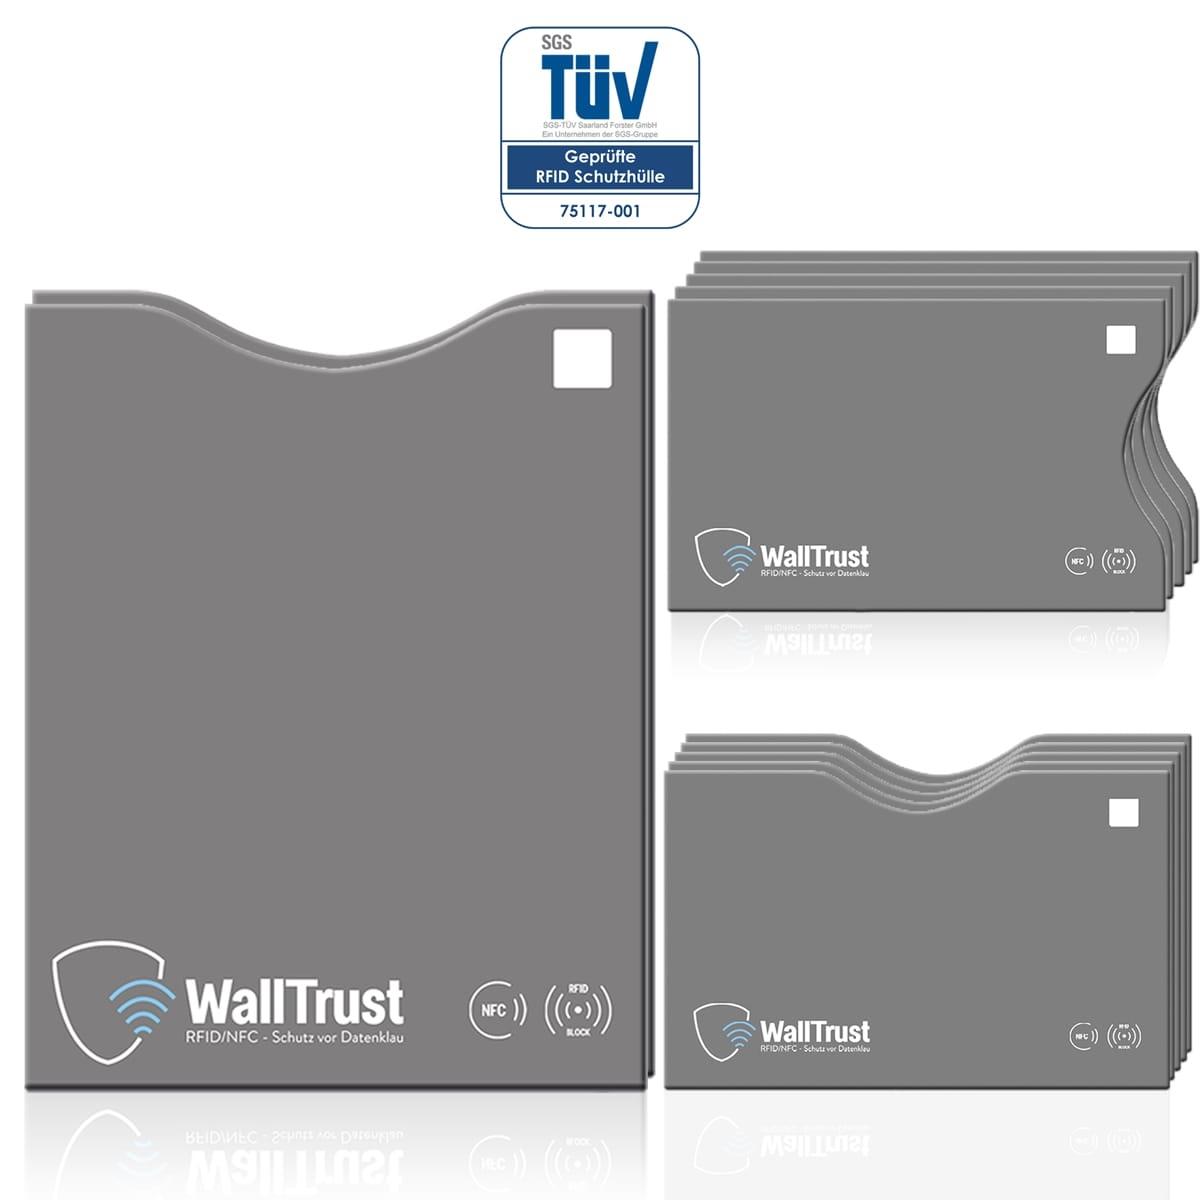 RFID / NFC Schutzhüllen 12er-Set für Kreditkarten und Ausweise